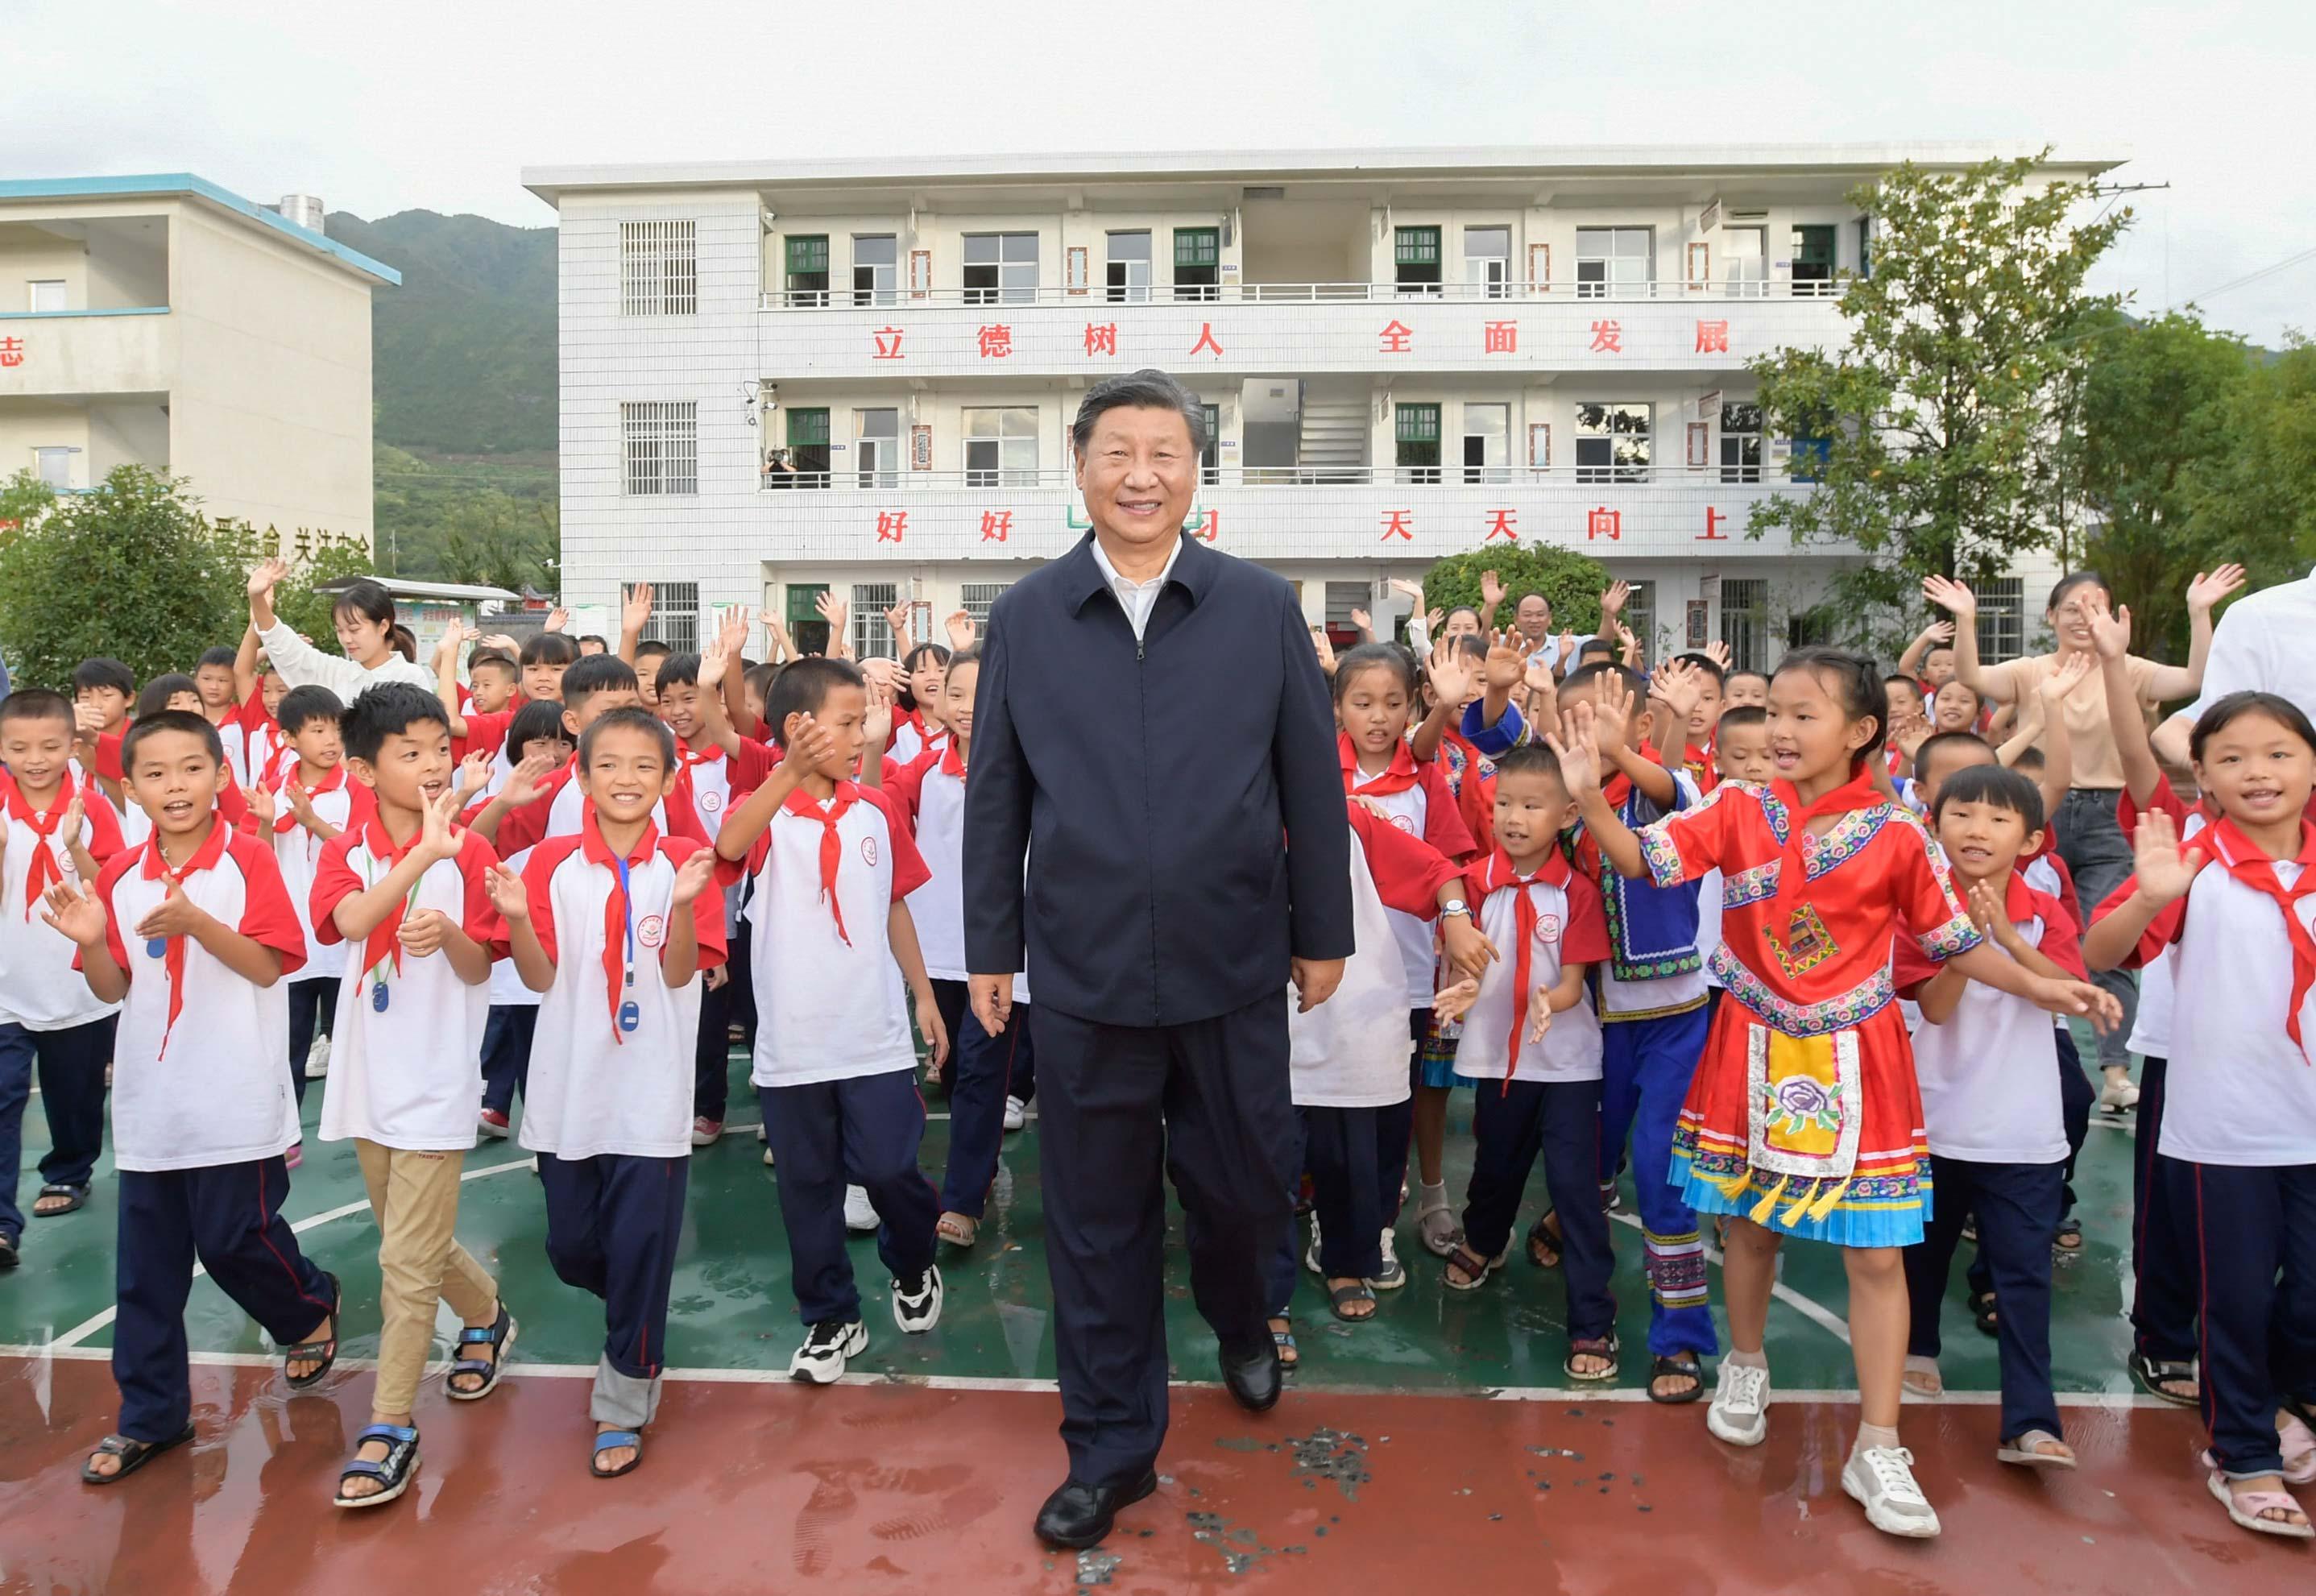 9月16日至18日,中共中央总书记、国家主席、中央军委主席习近平在湖南考察。这是16日下午,在郴州市汝城县文明瑶族乡第一片小学,师生们簇拥着习近平步出校园。